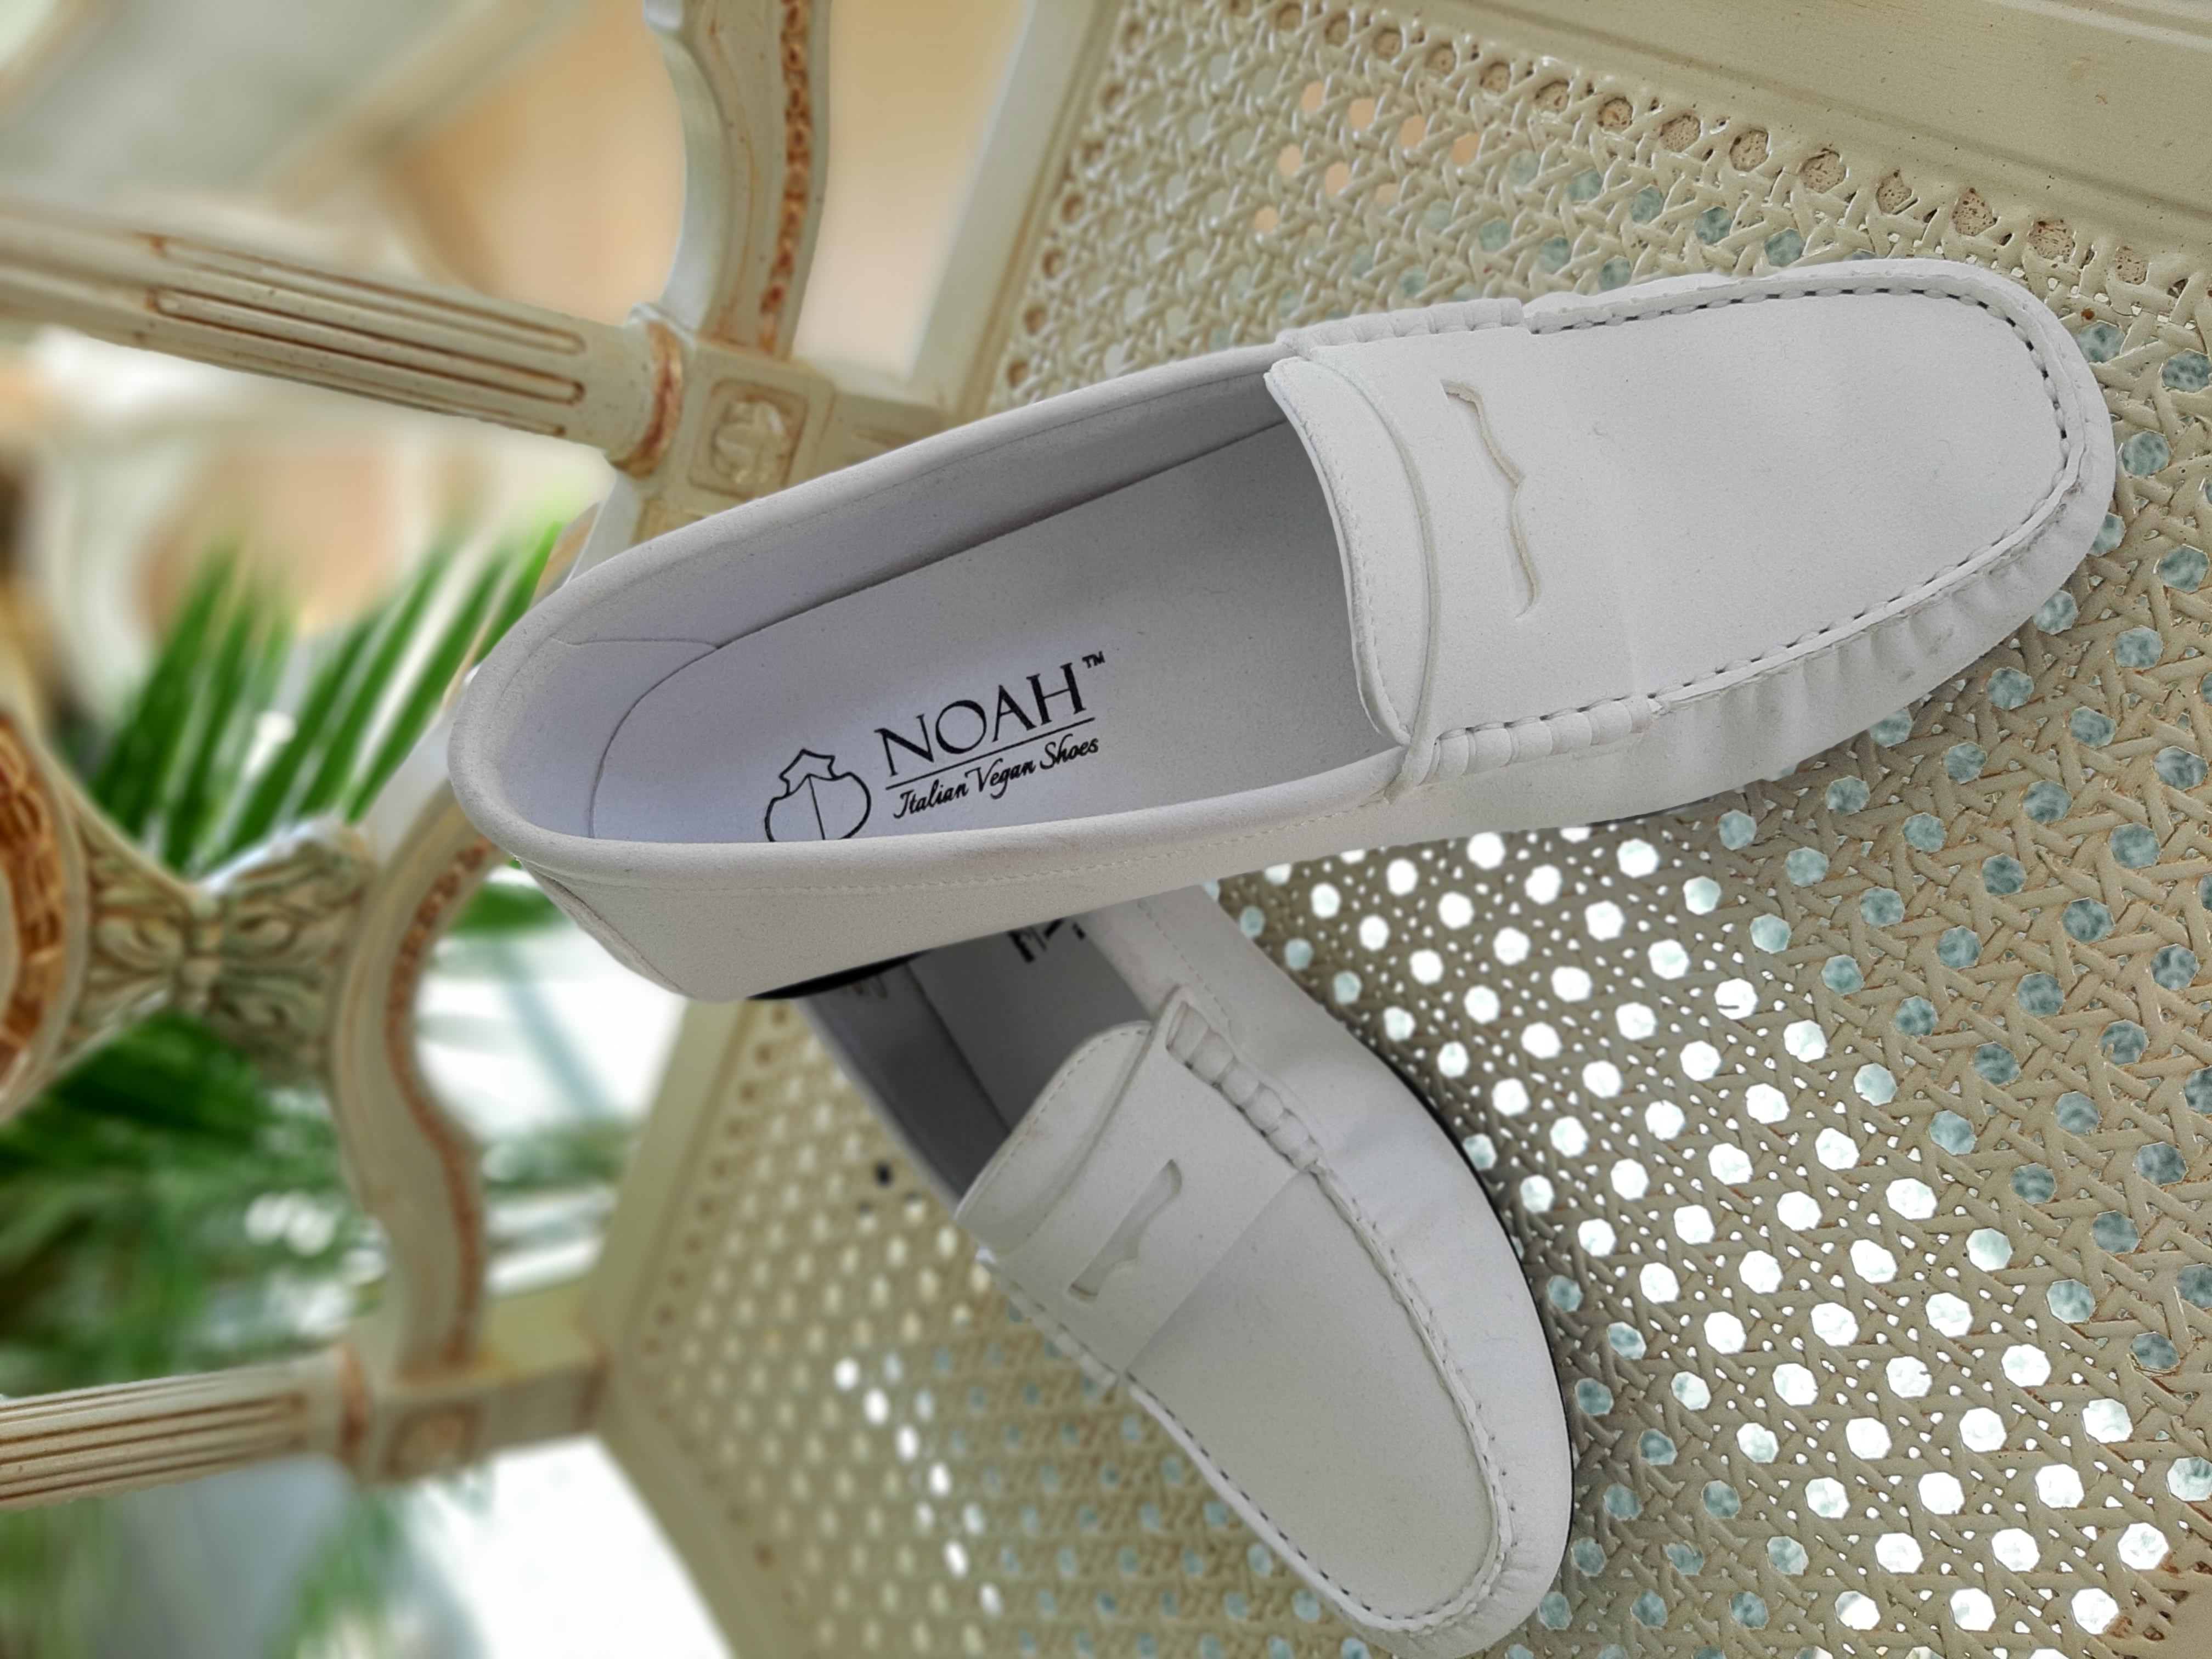 Schuhe Noha Italian Vegan Shoes Gr. 38